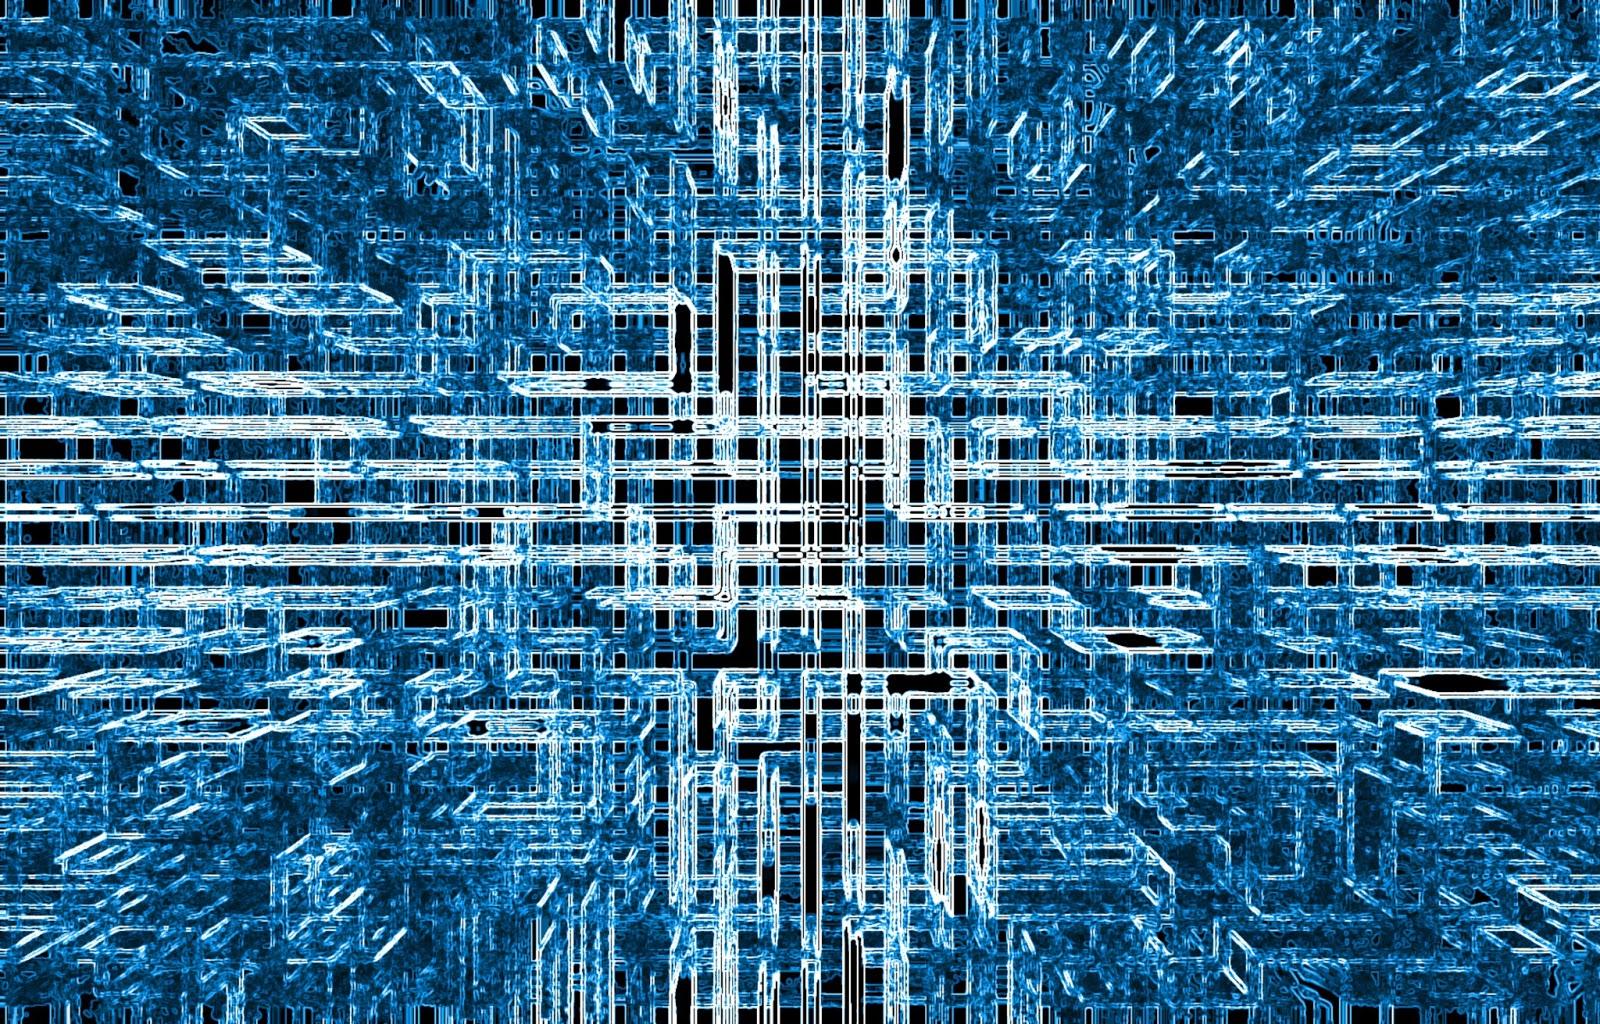 Circuit Wallpaper HD - WallpaperSafari